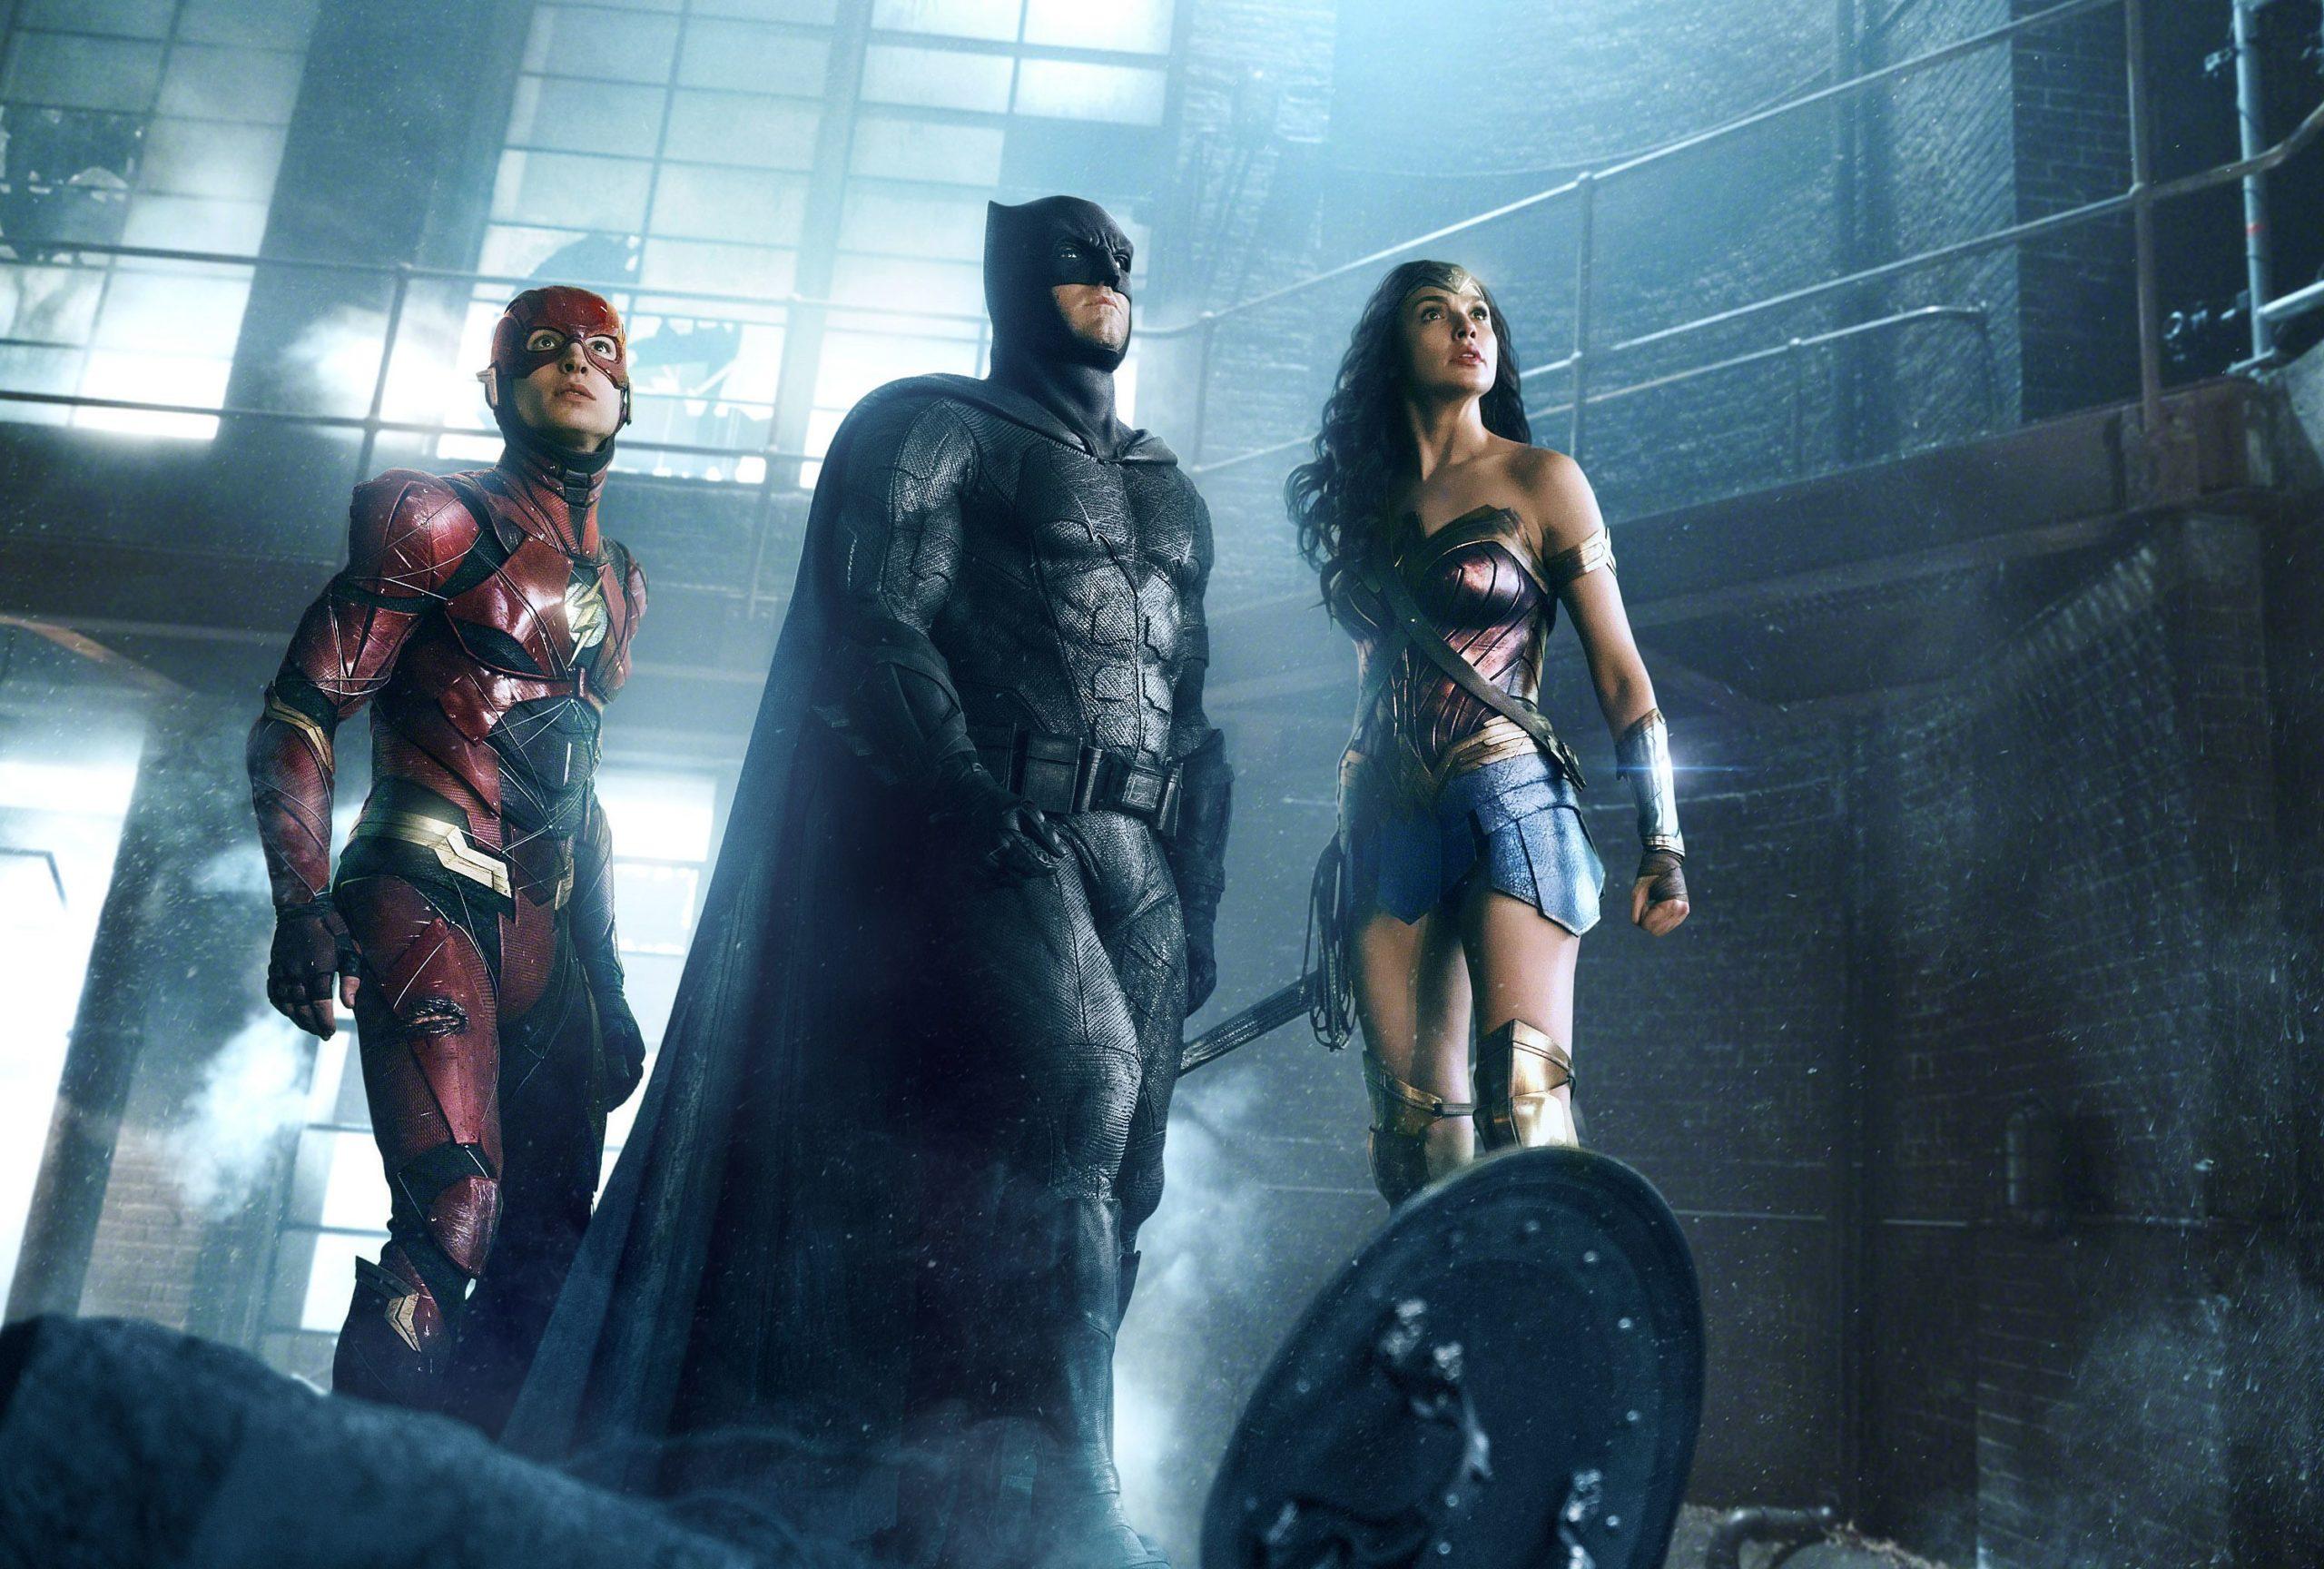 justice league movie wallpaper hs